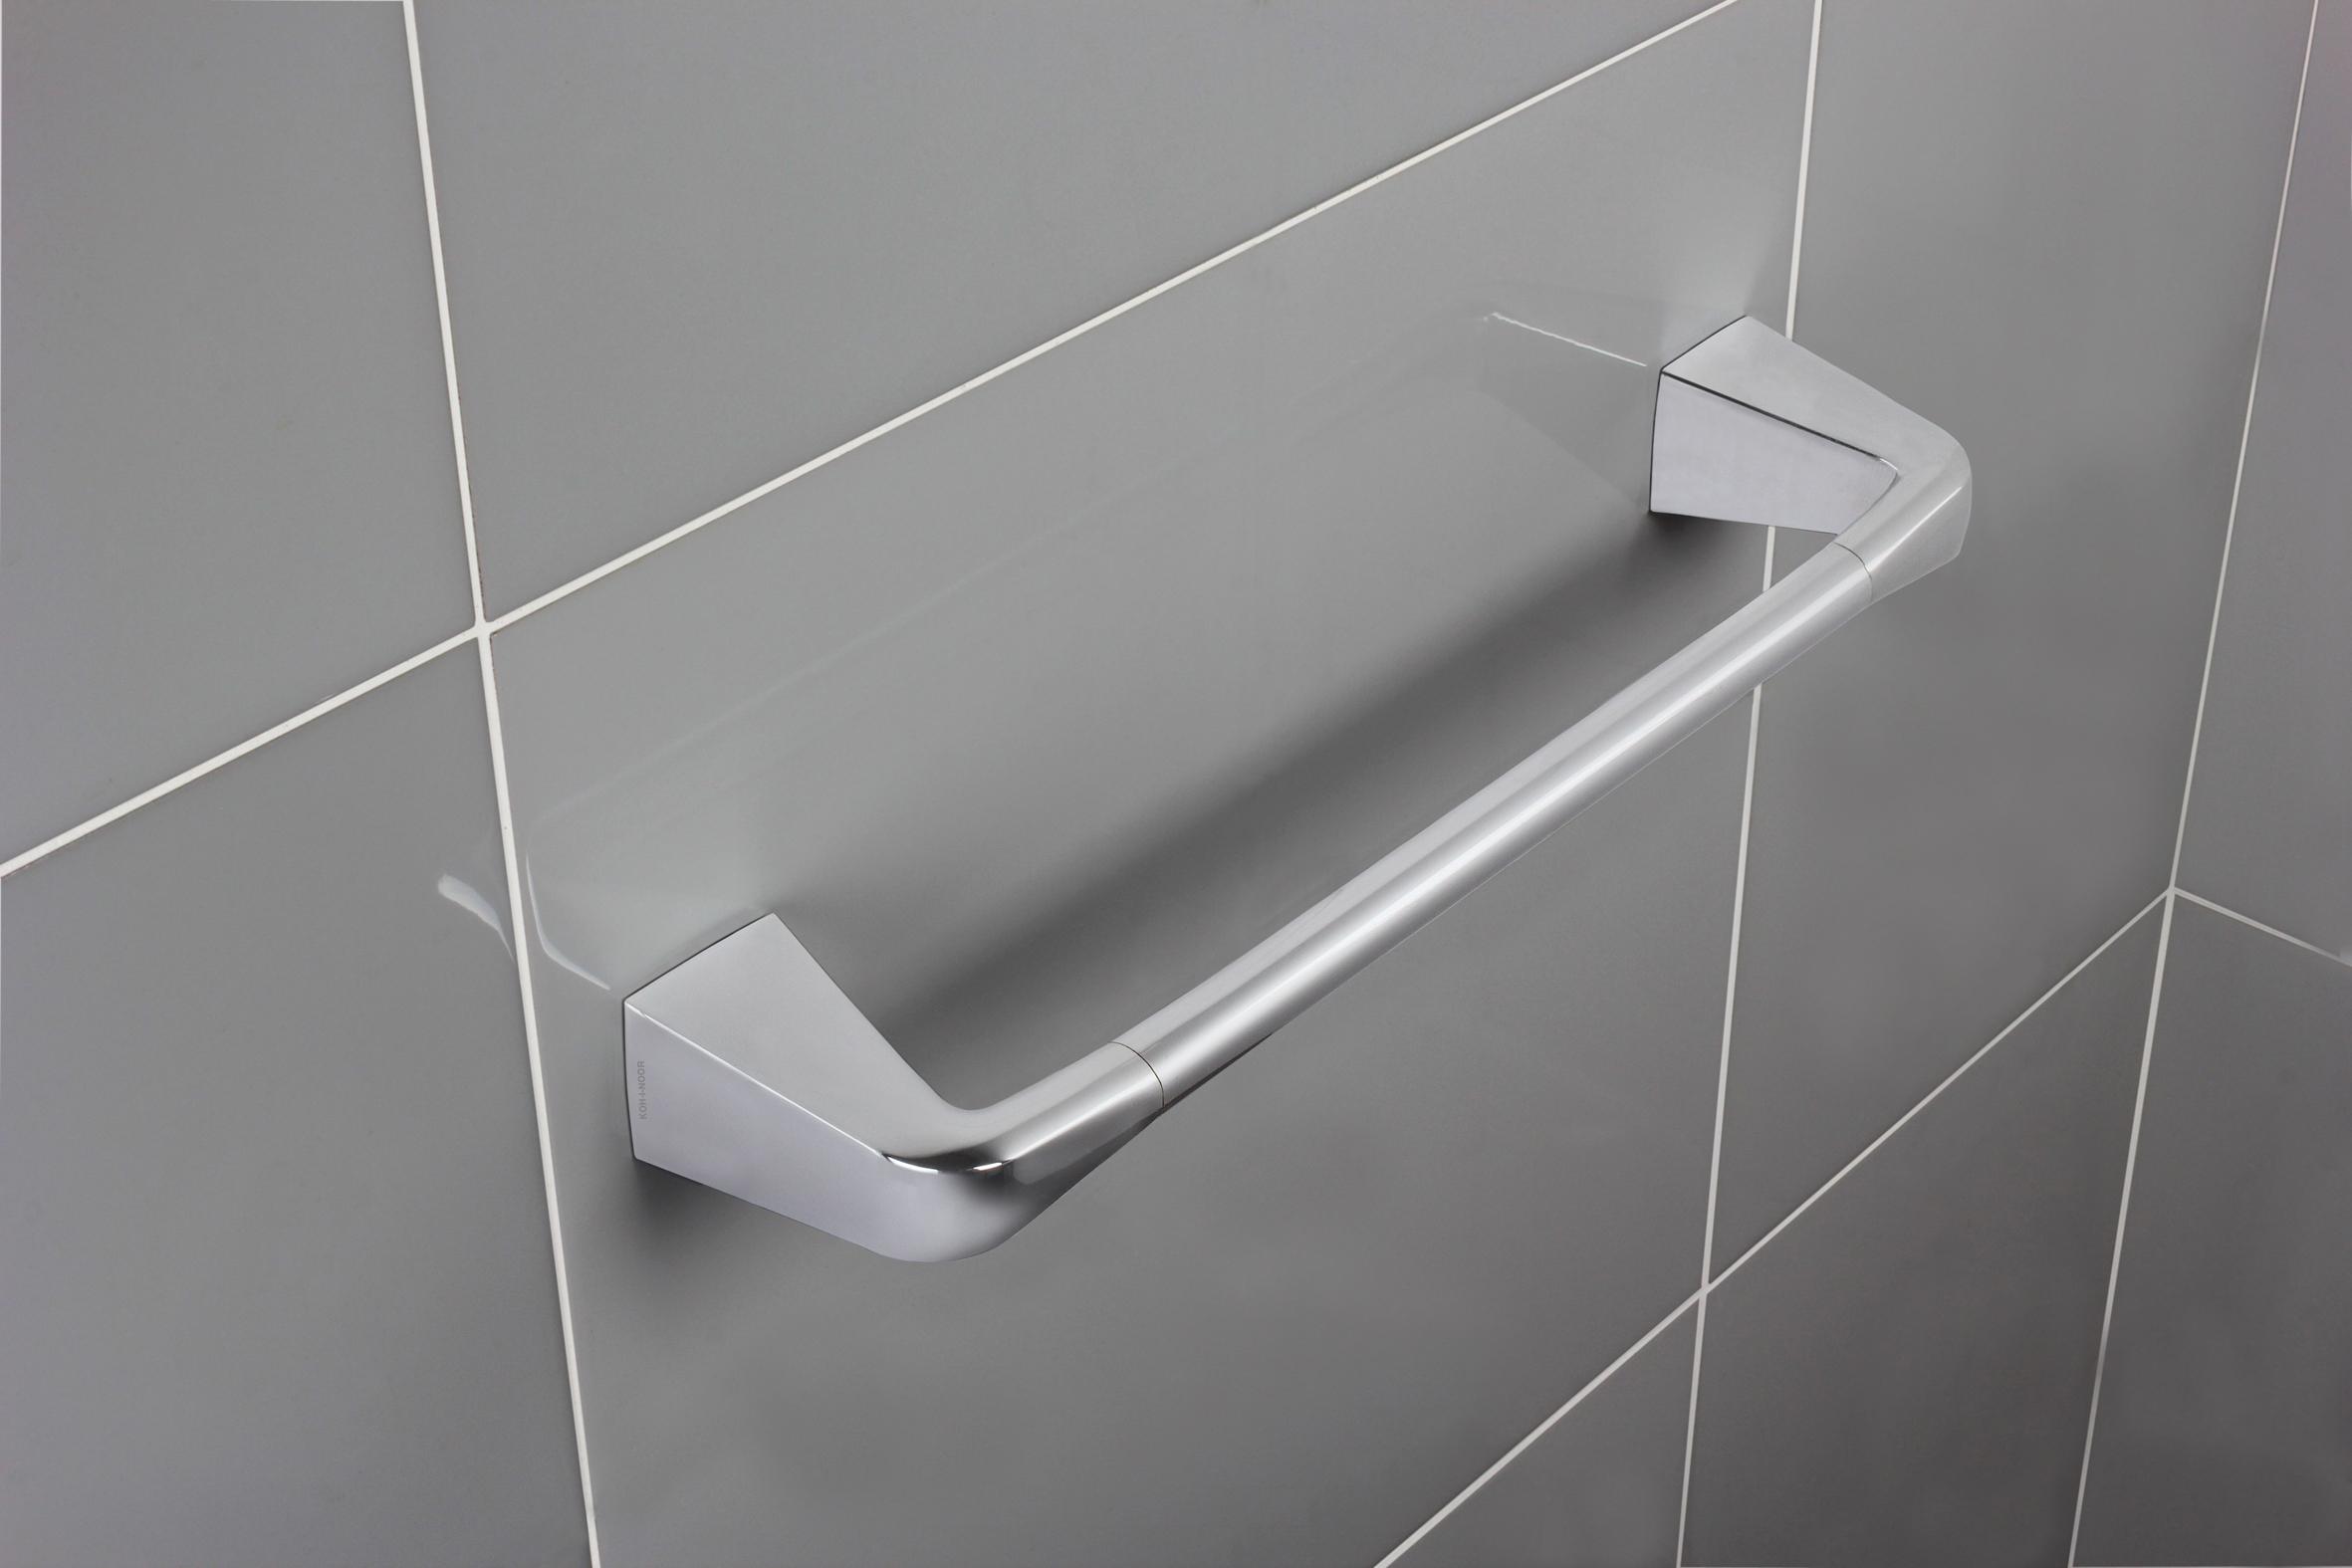 Geometrie pure per gli accessori area - Koh i noor bagno ...